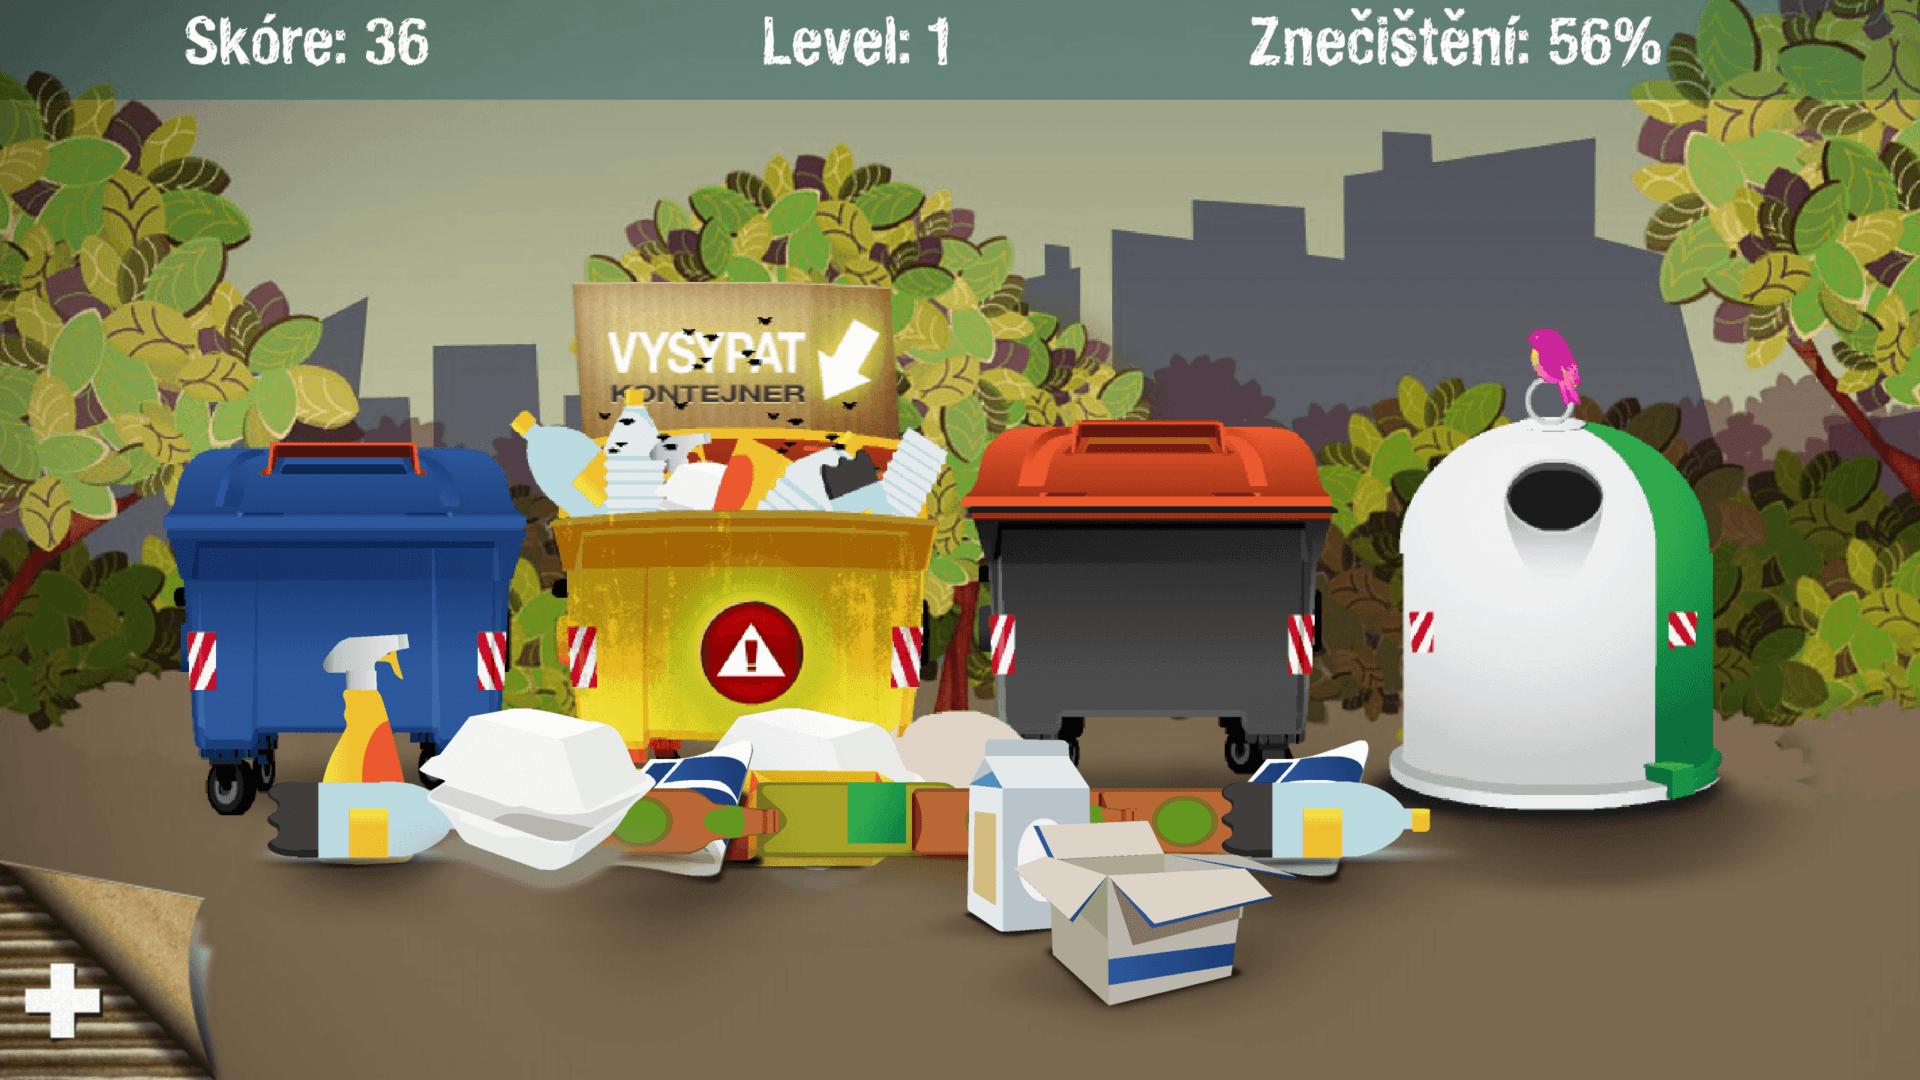 ekontici_hra_aplikace_samosebou_trideni_kontejner_odpad_obal